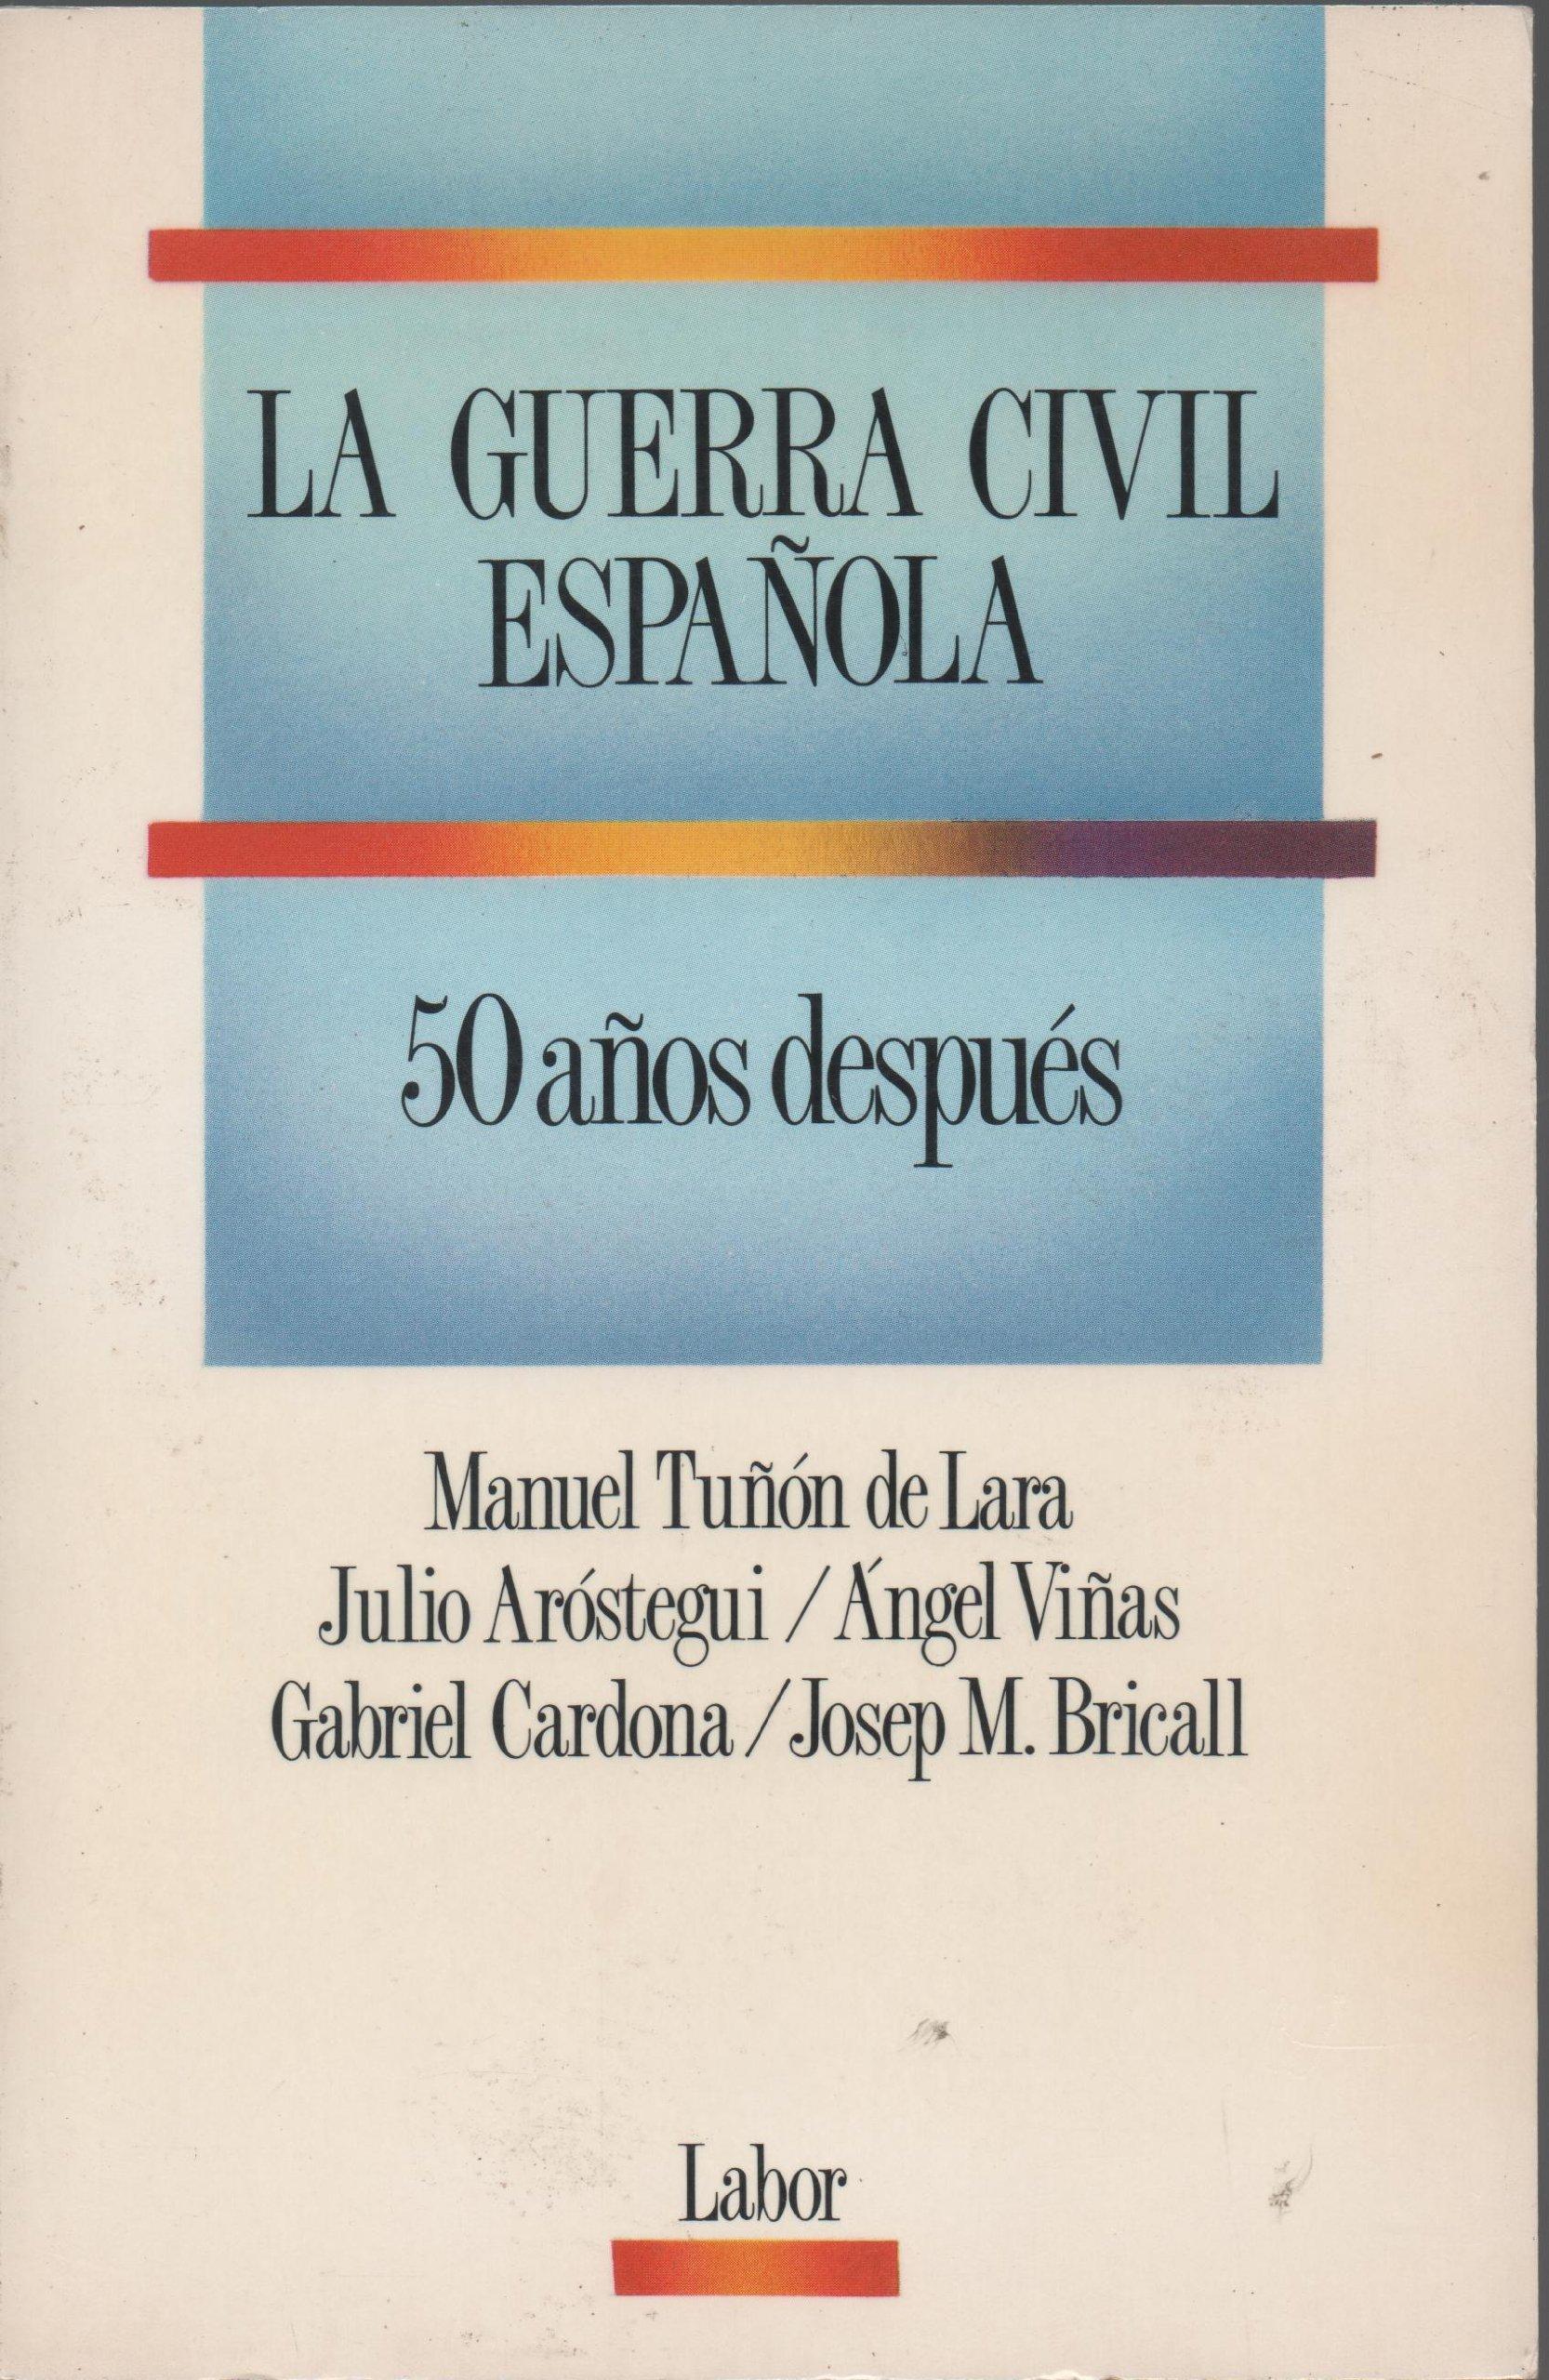 La Guerra Civil Española 50 Años Después: Amazon.es: TUNON DE LARA MANUEL- COLLECTIF: Libros